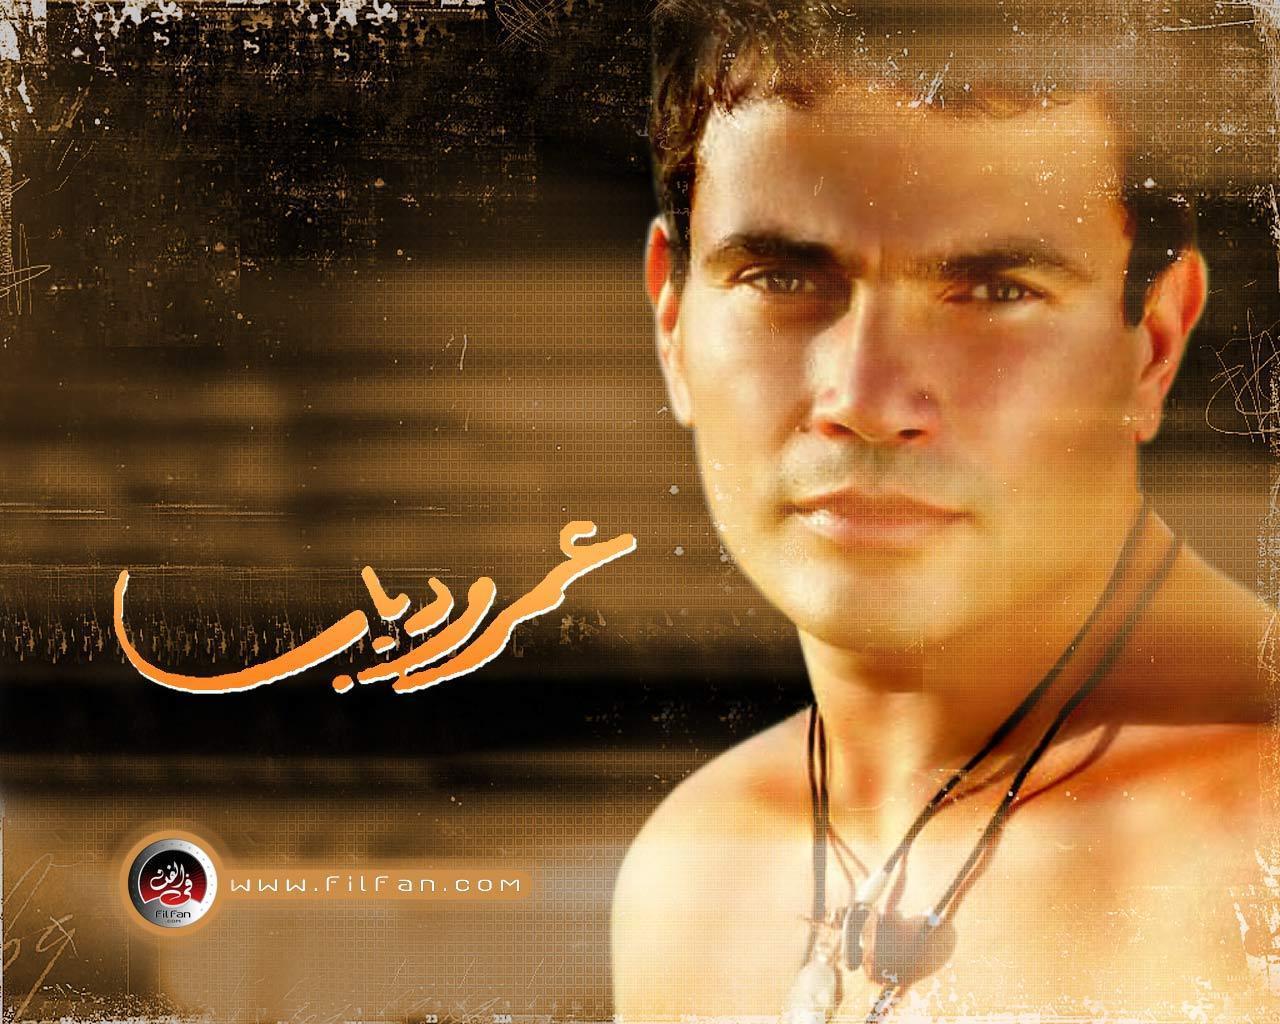 Amr diab photo gallery